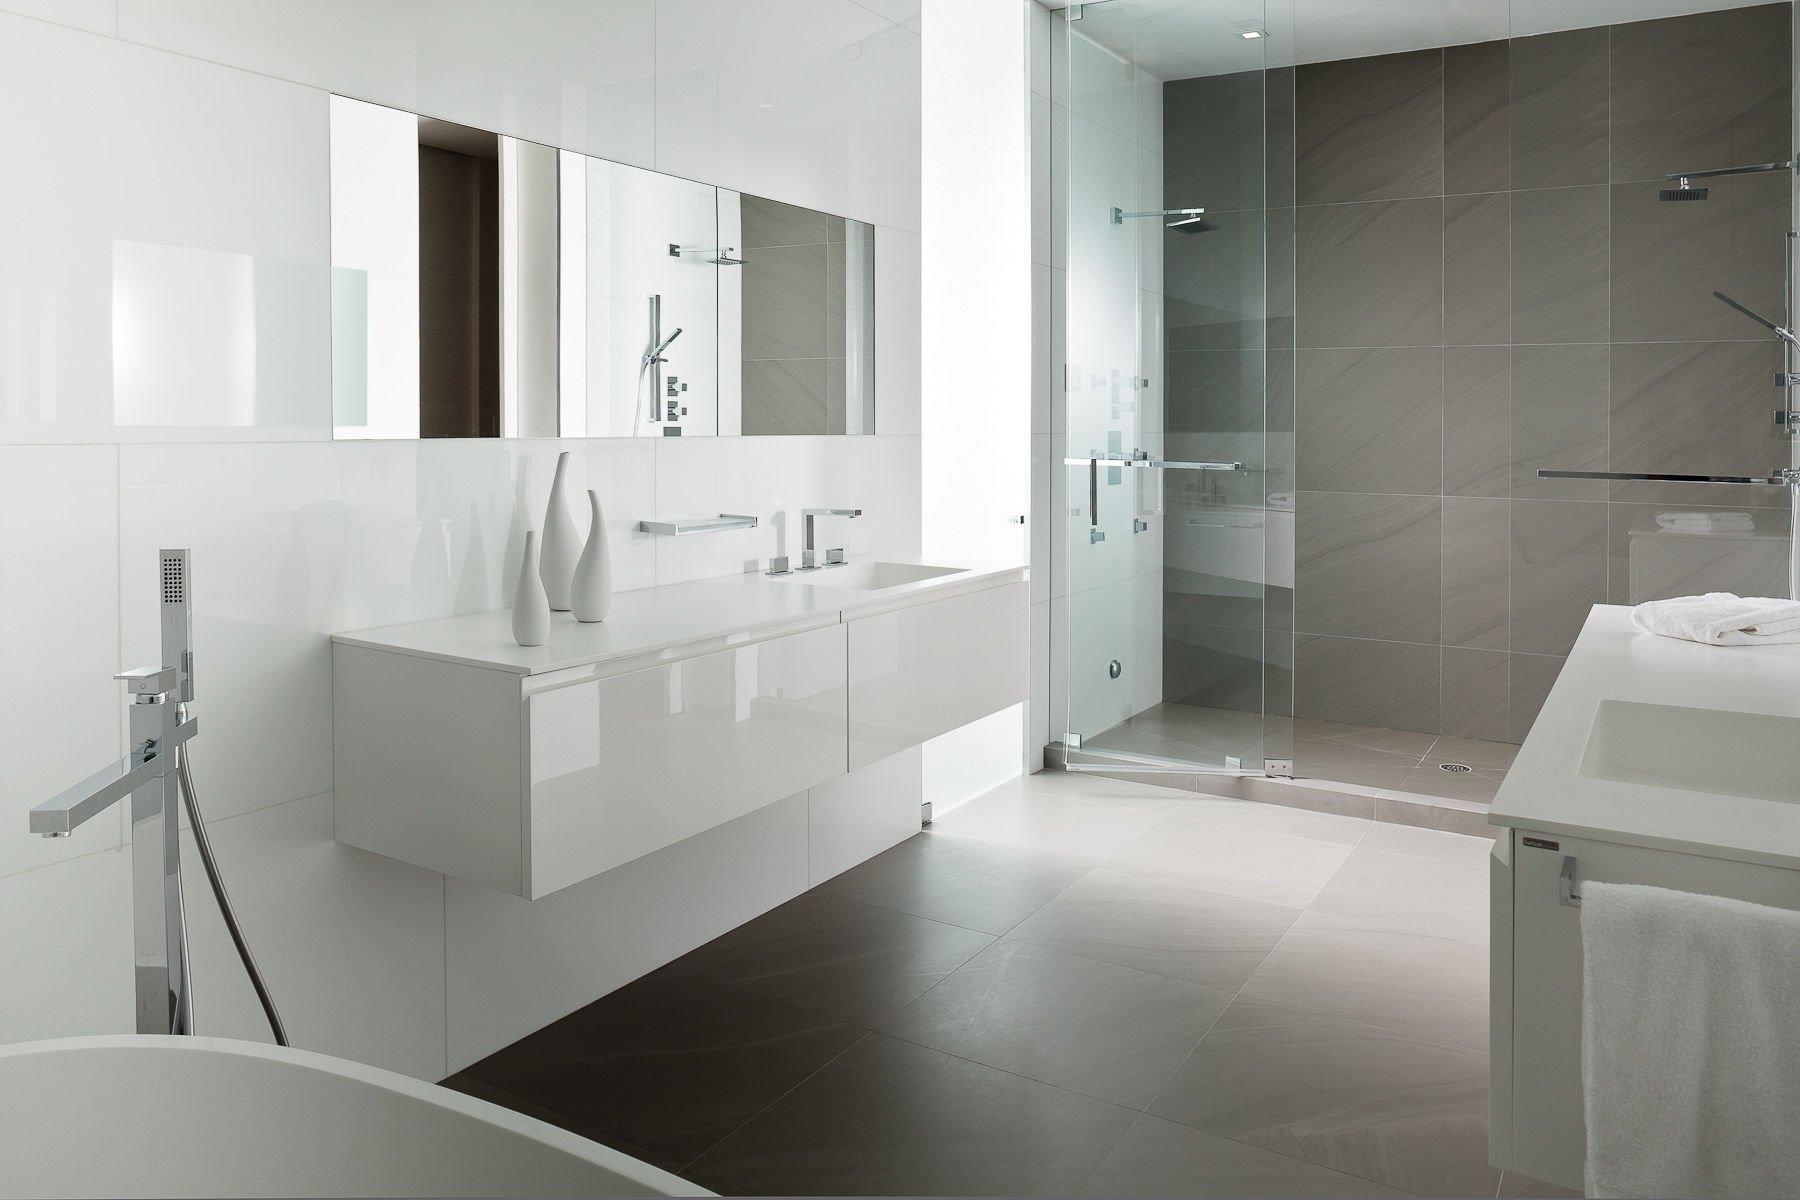 10 Lovable Gray And White Bathroom Ideas bathroom white bathroom ideas 013 white bathroom ideas and how you 2020